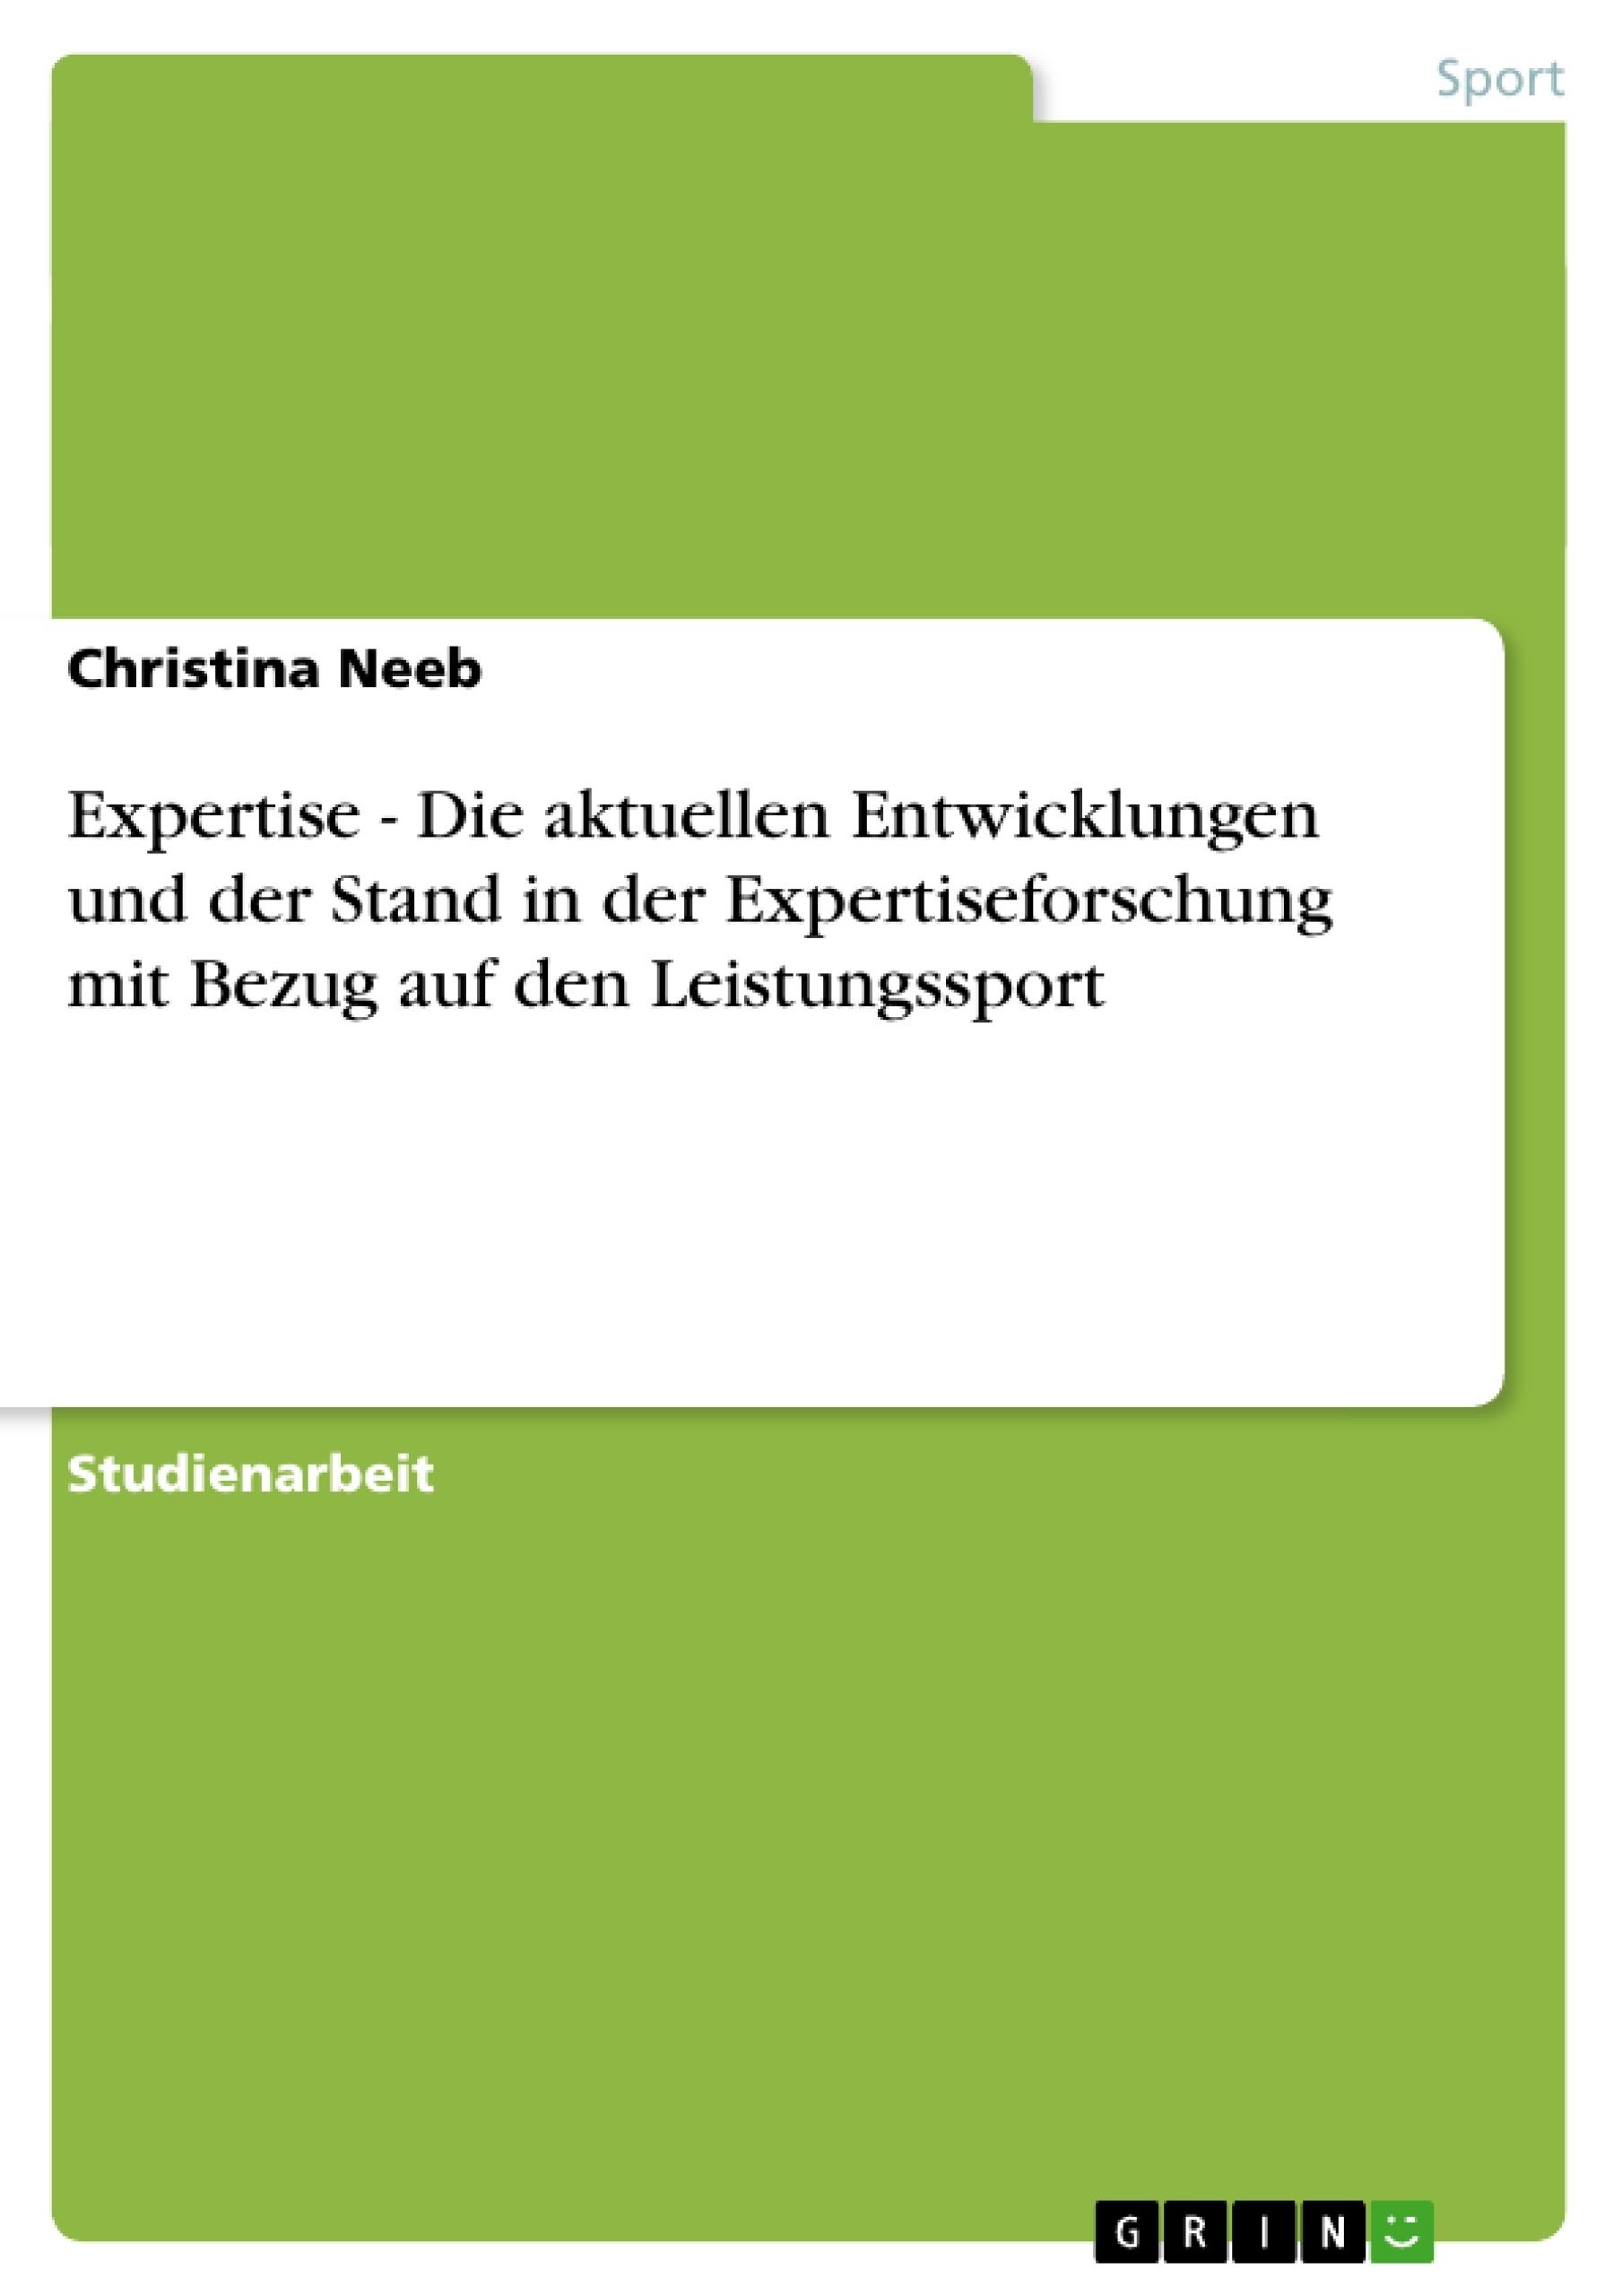 Titel: Expertise -  Die aktuellen Entwicklungen und der Stand in der Expertiseforschung mit Bezug auf den Leistungssport